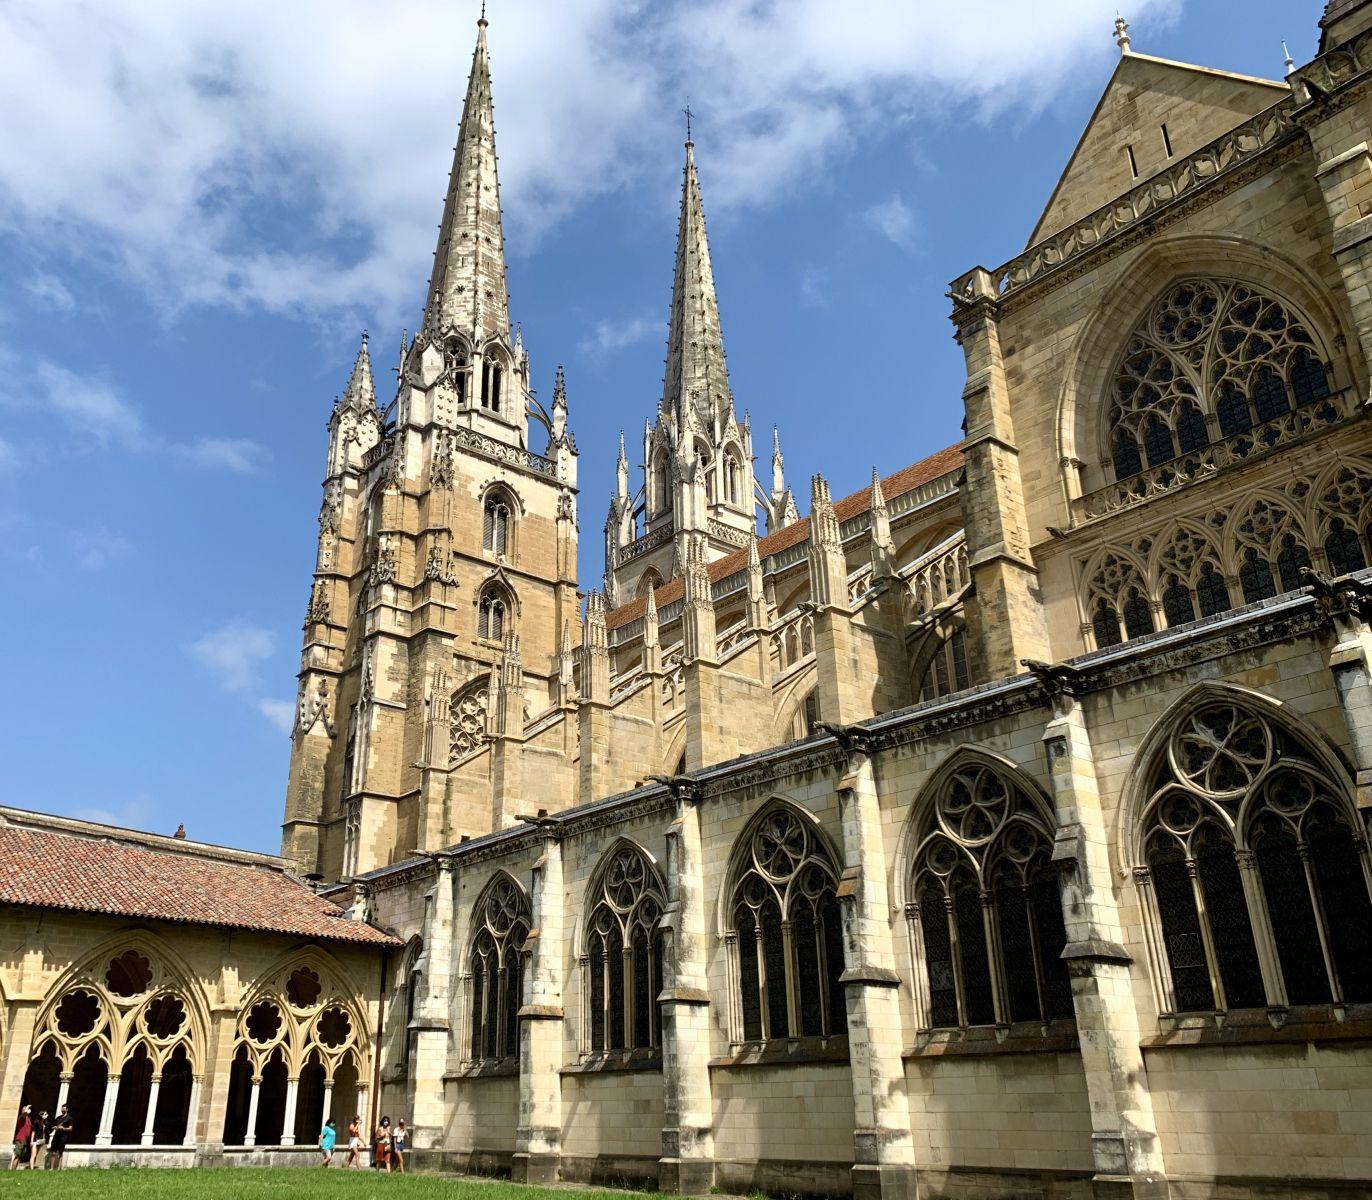 La Cathédrale Sainte-Marie